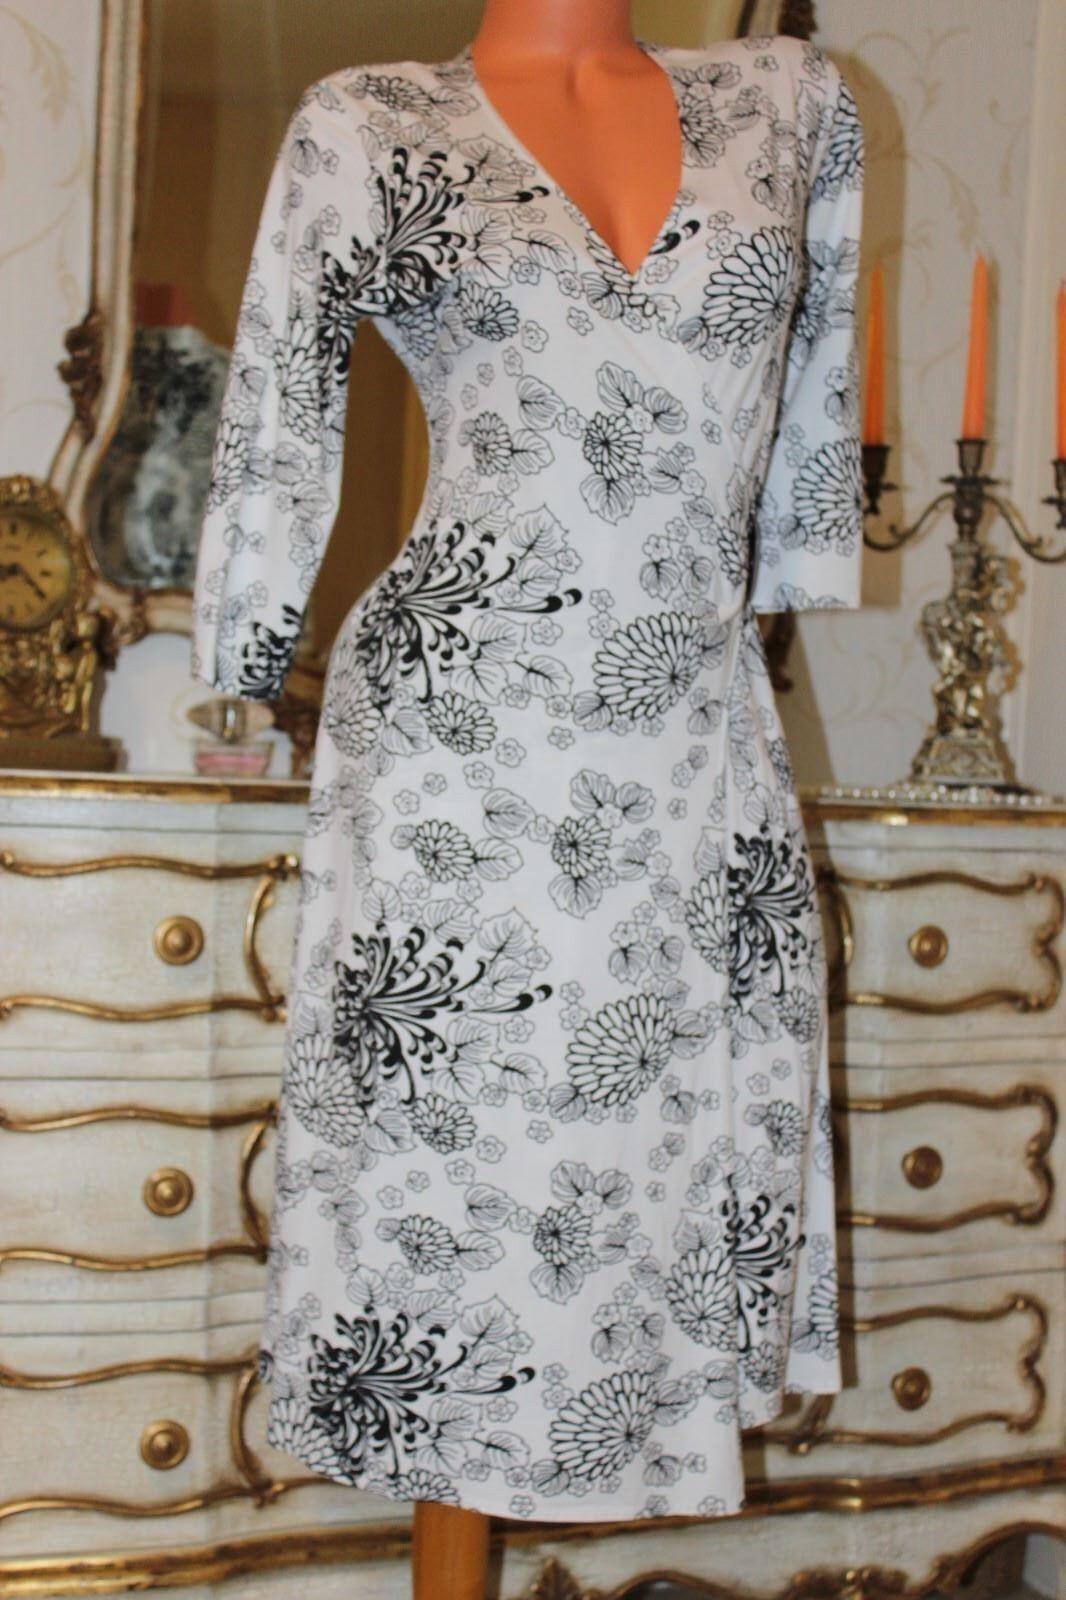 (Ref 19) Joella Di Marco Viscose Mix Ladies Elasticated schwarz&Weiß dress Größe M